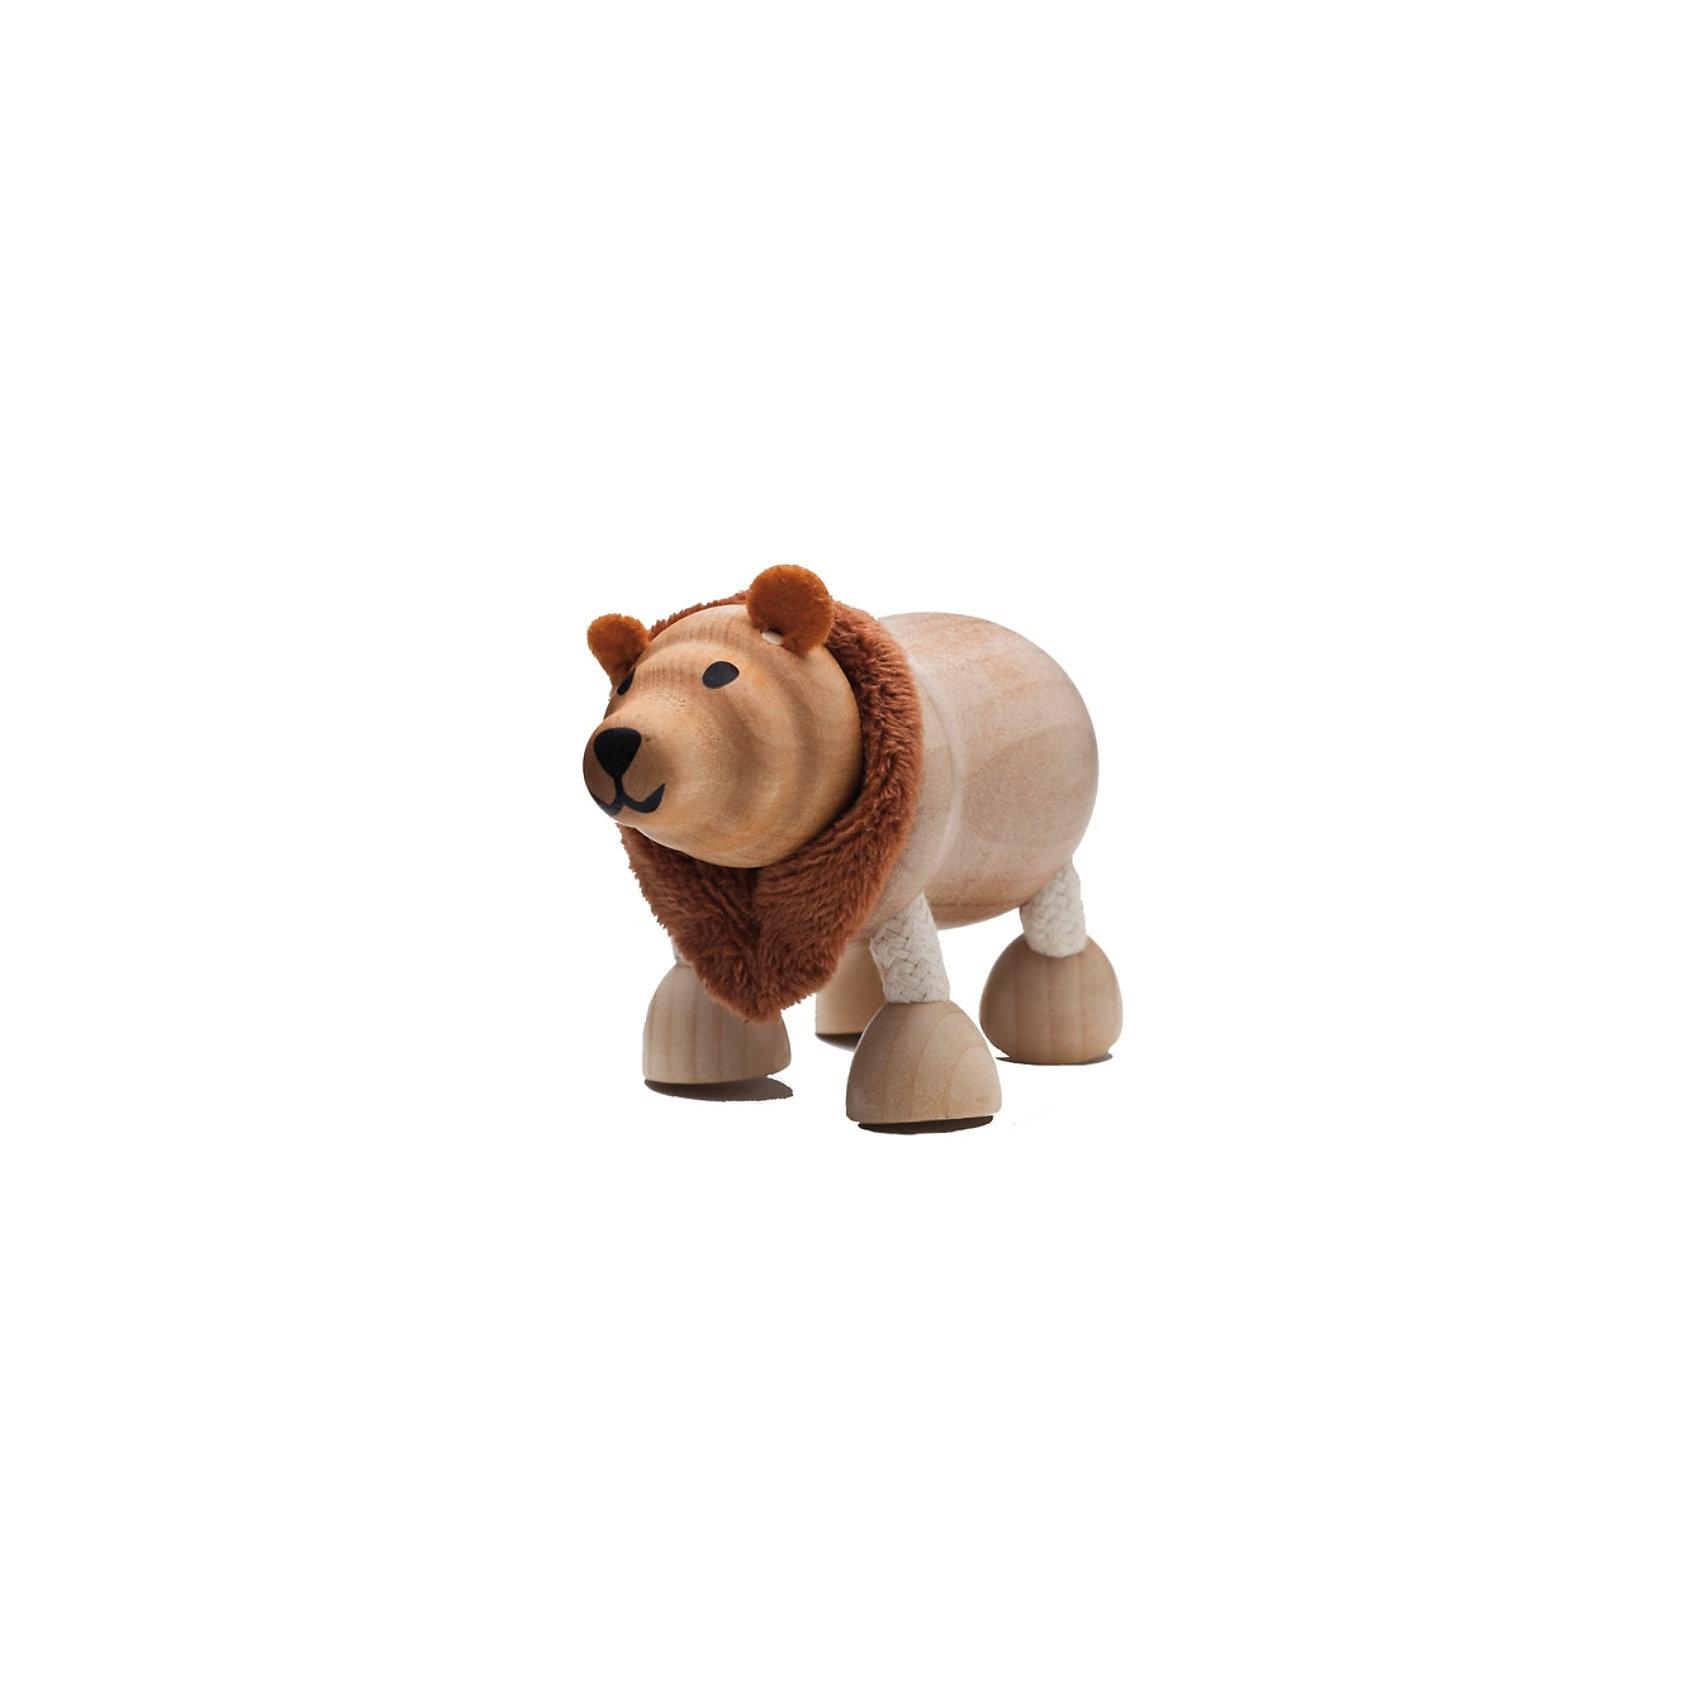 AnaMalz Бурый мишка, AnaMalz фигурки игрушки anamalz anamalz бурый мишка